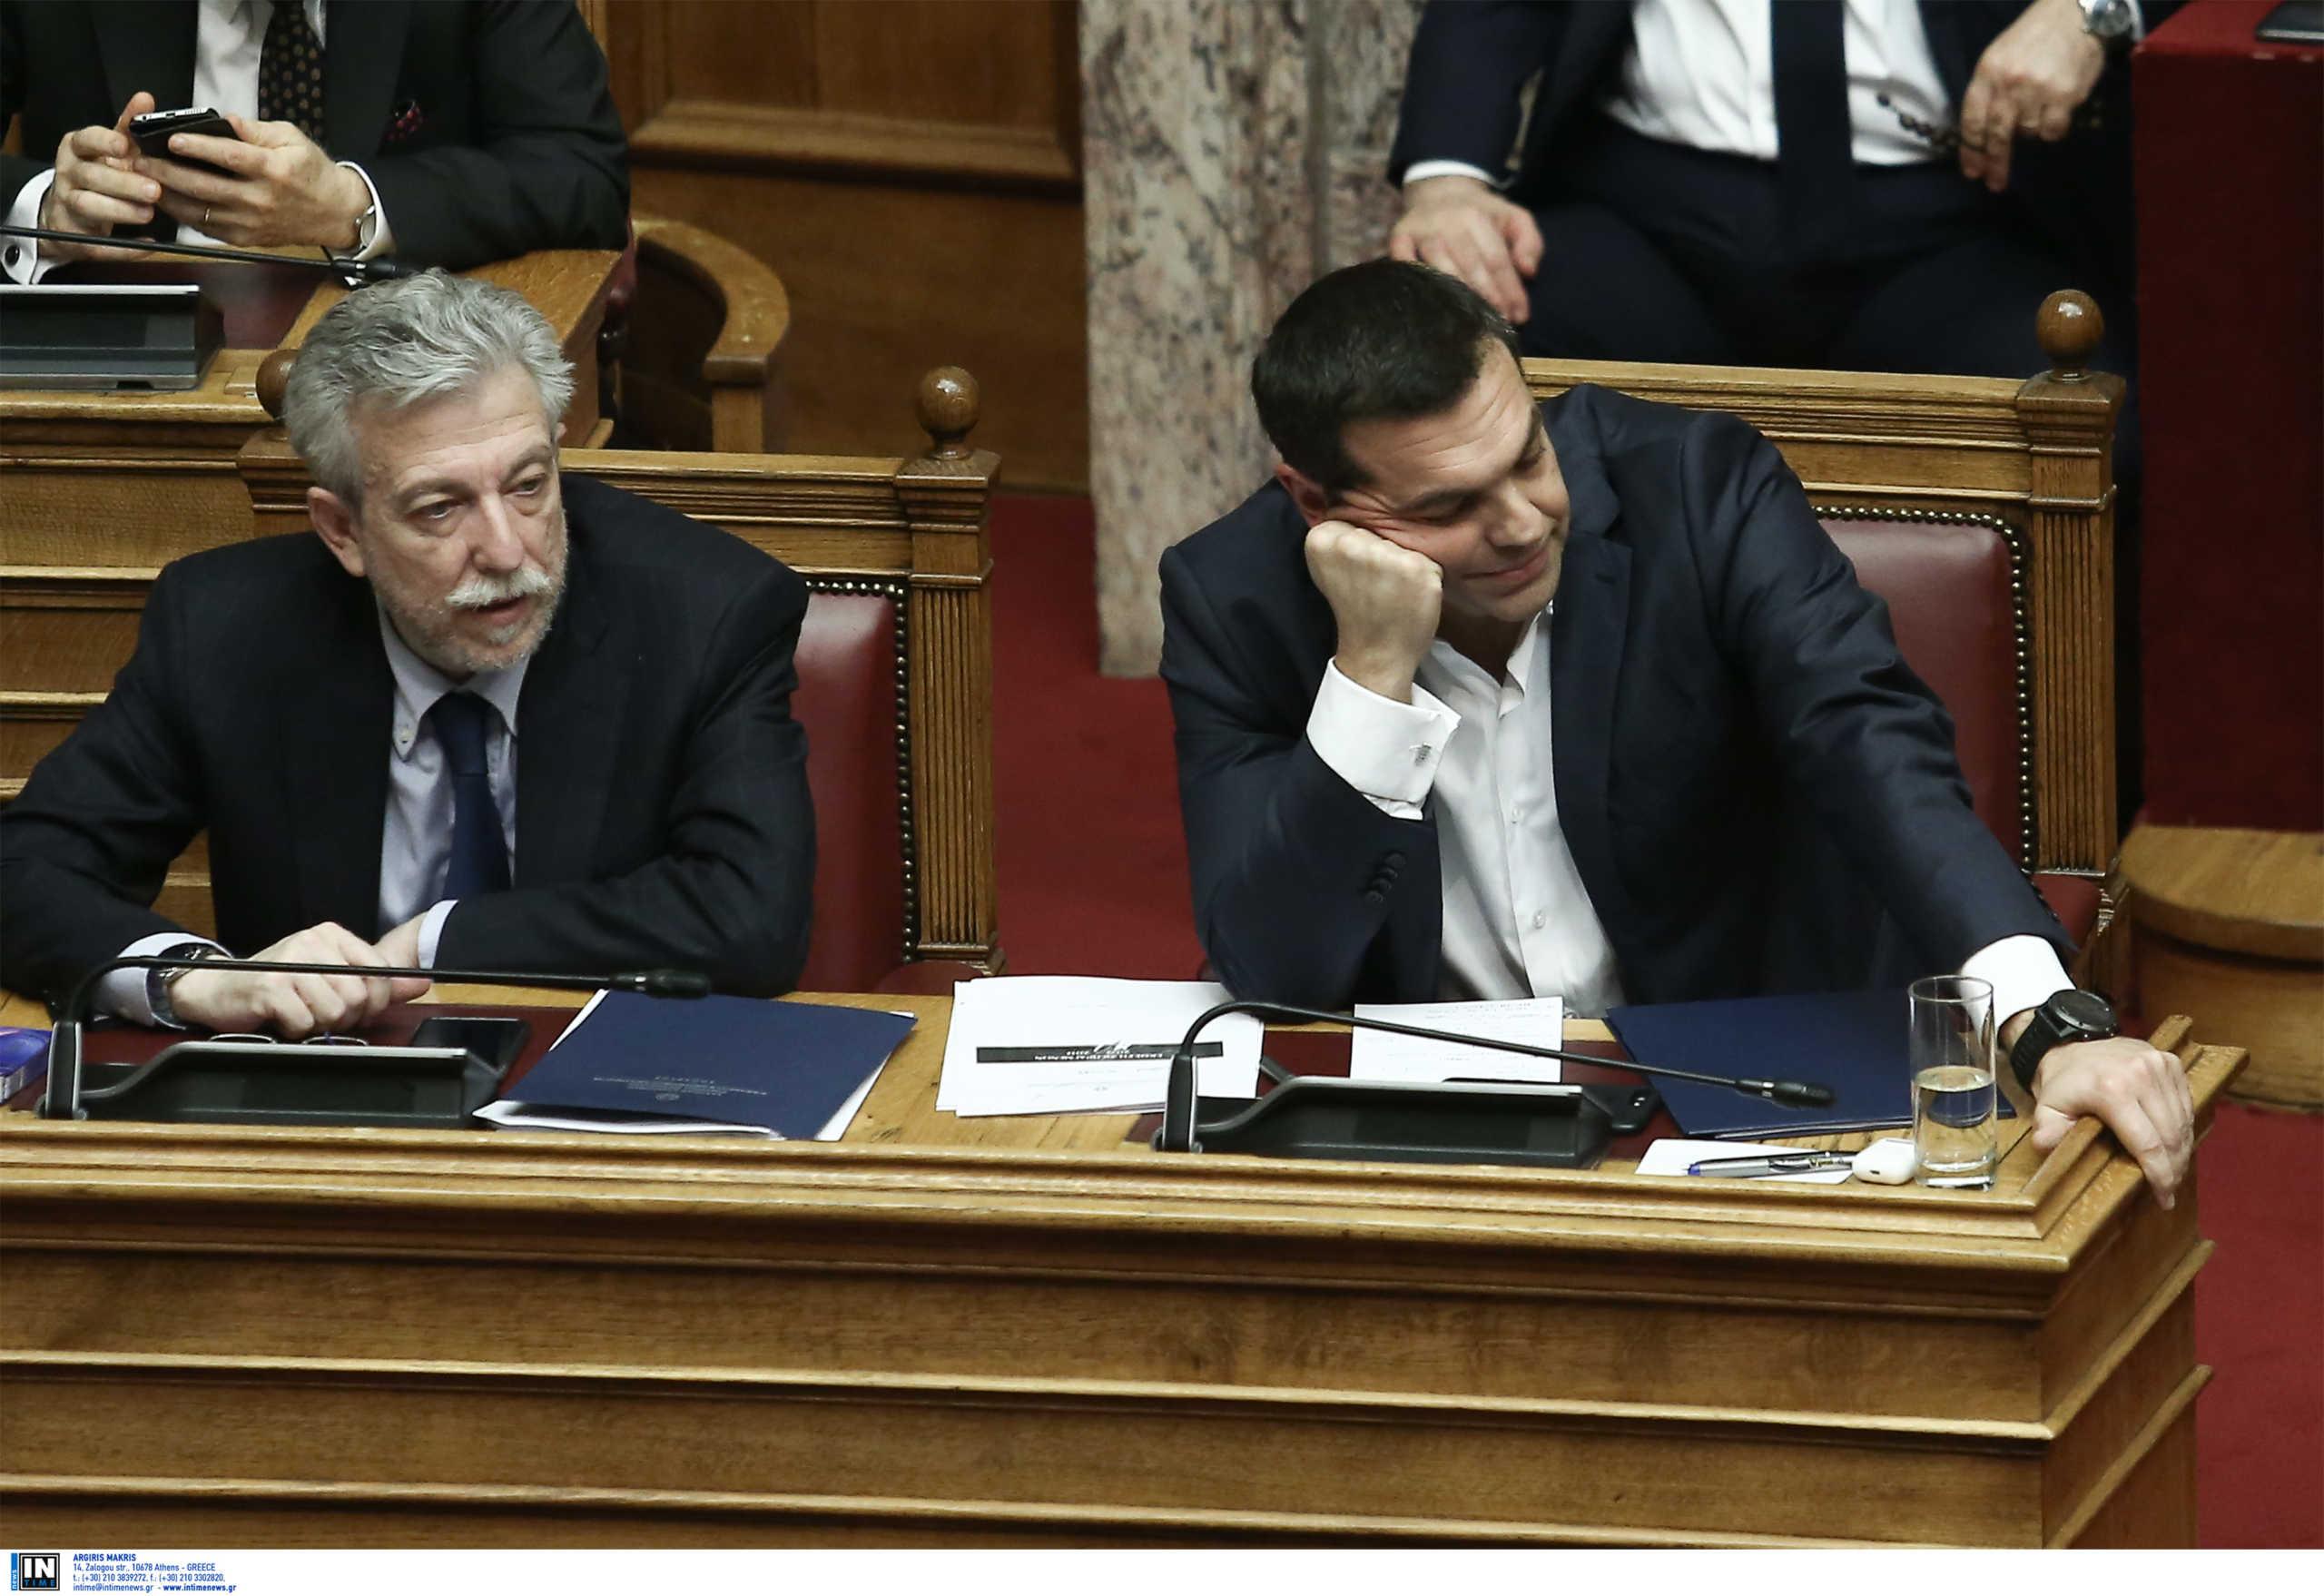 Σκοτώνονται ΣΥΡΙΖΑ και Κοντονής – «Μνημείο συκοφαντίας και σταλινισμού», η ανακοίνωση λέει ο πρώην υπουργός